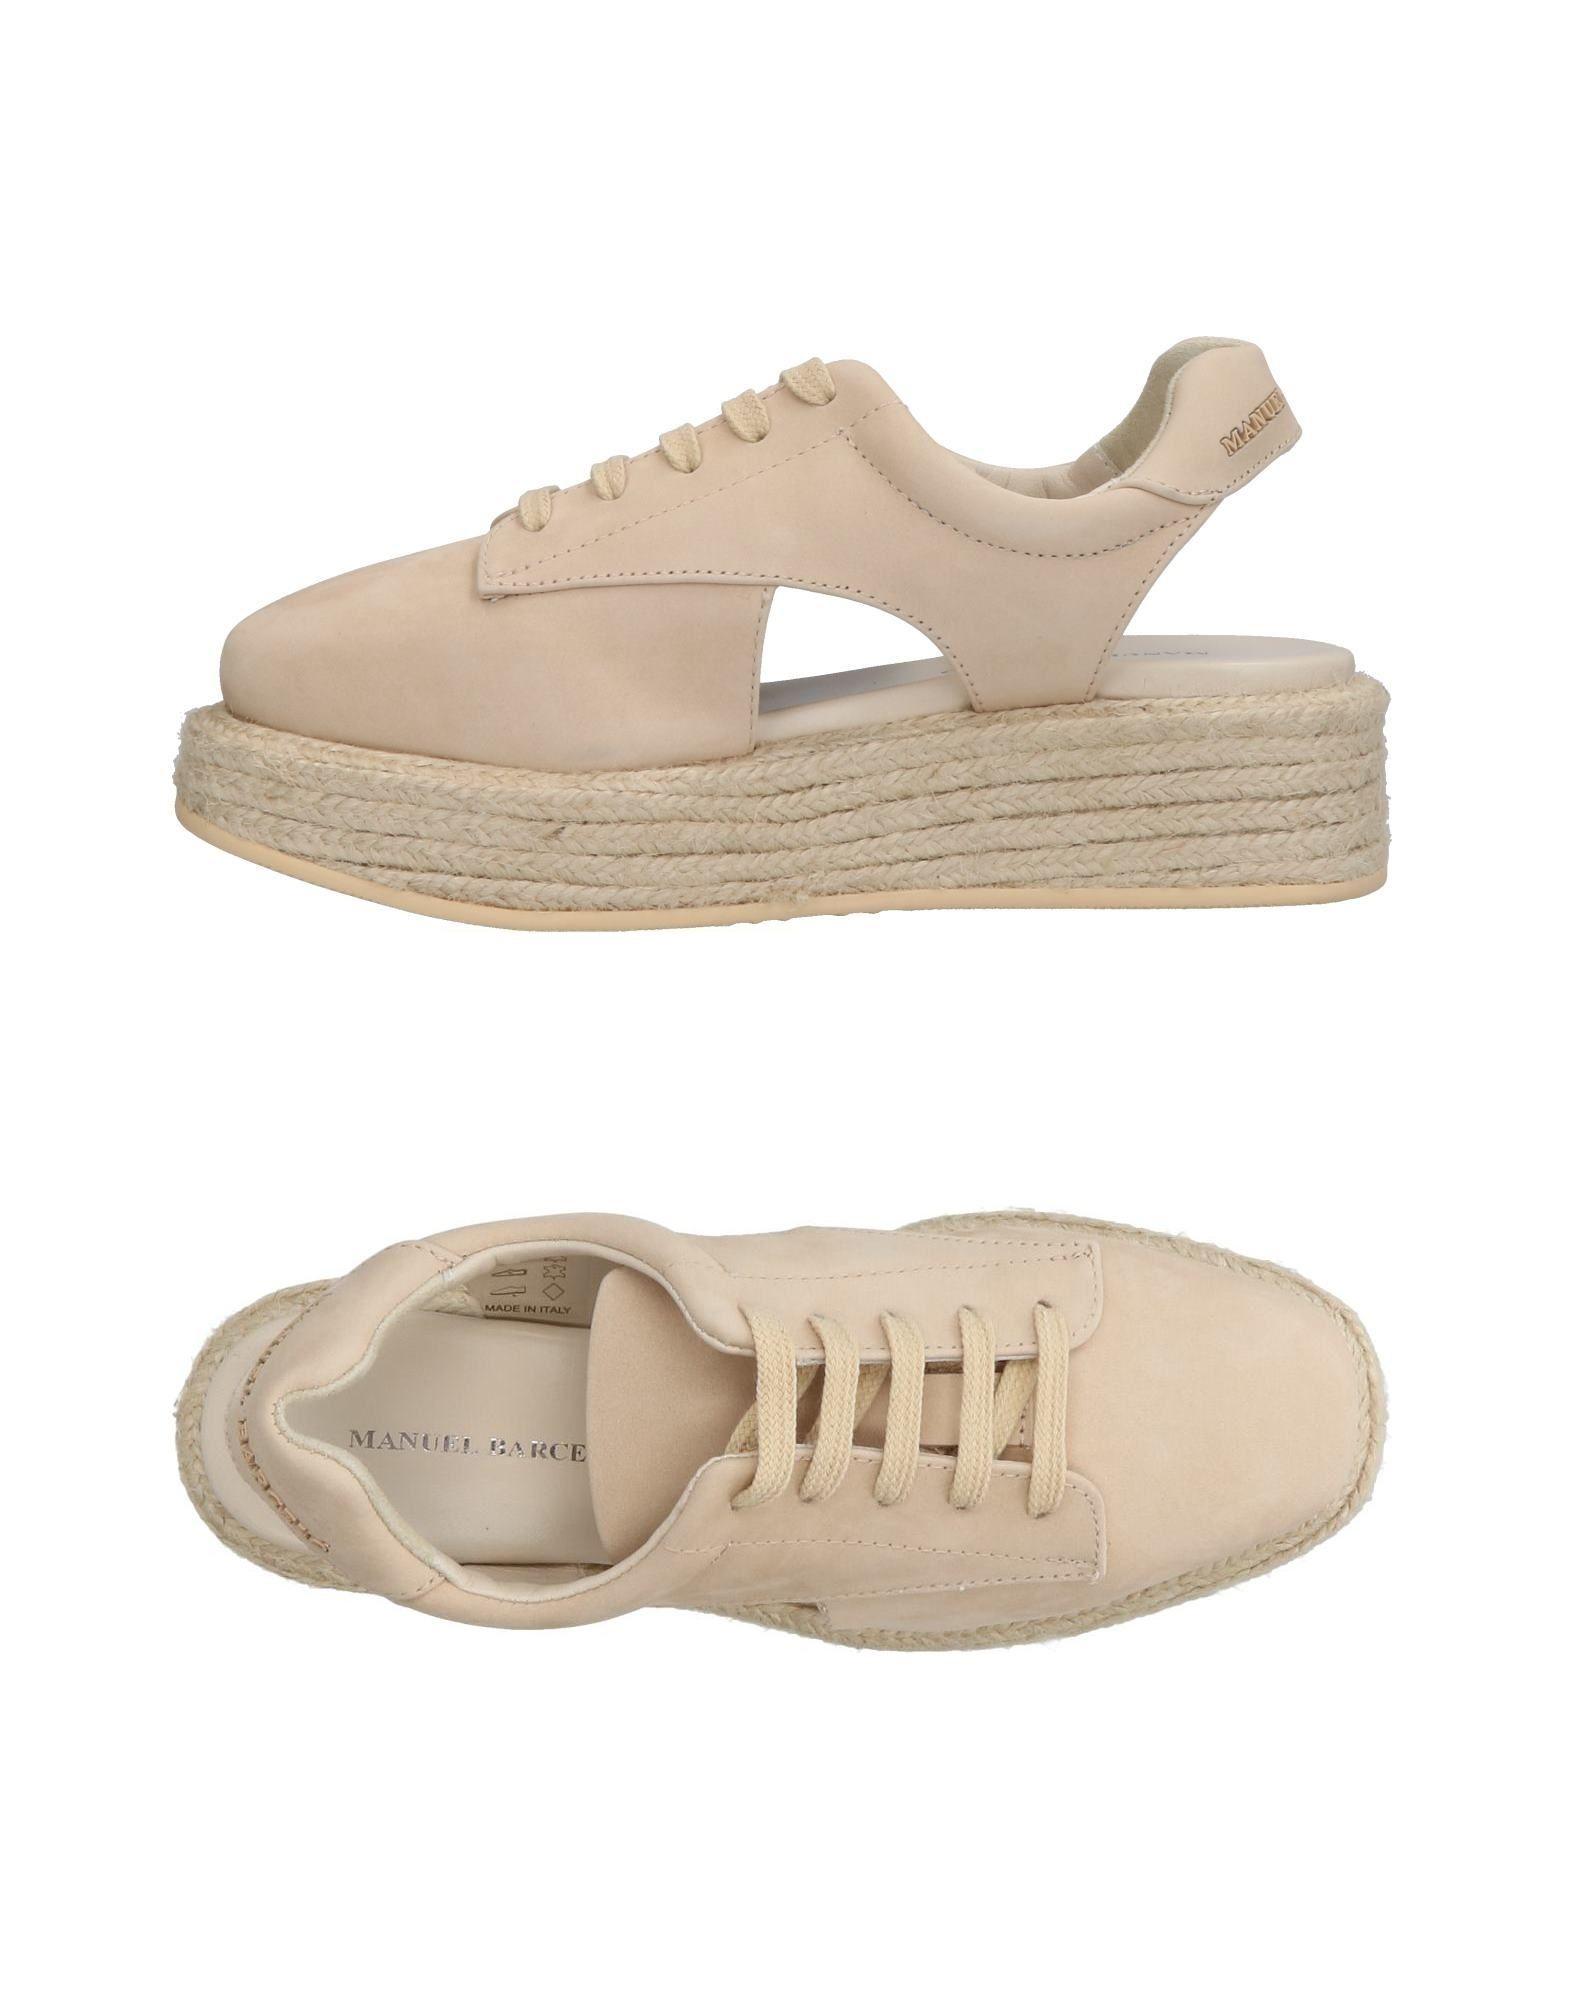 Manuel Barceló Sneakers - Women Manuel Barceló Sneakers Sneakers Sneakers online on  United Kingdom - 11332112QC 3f1c19